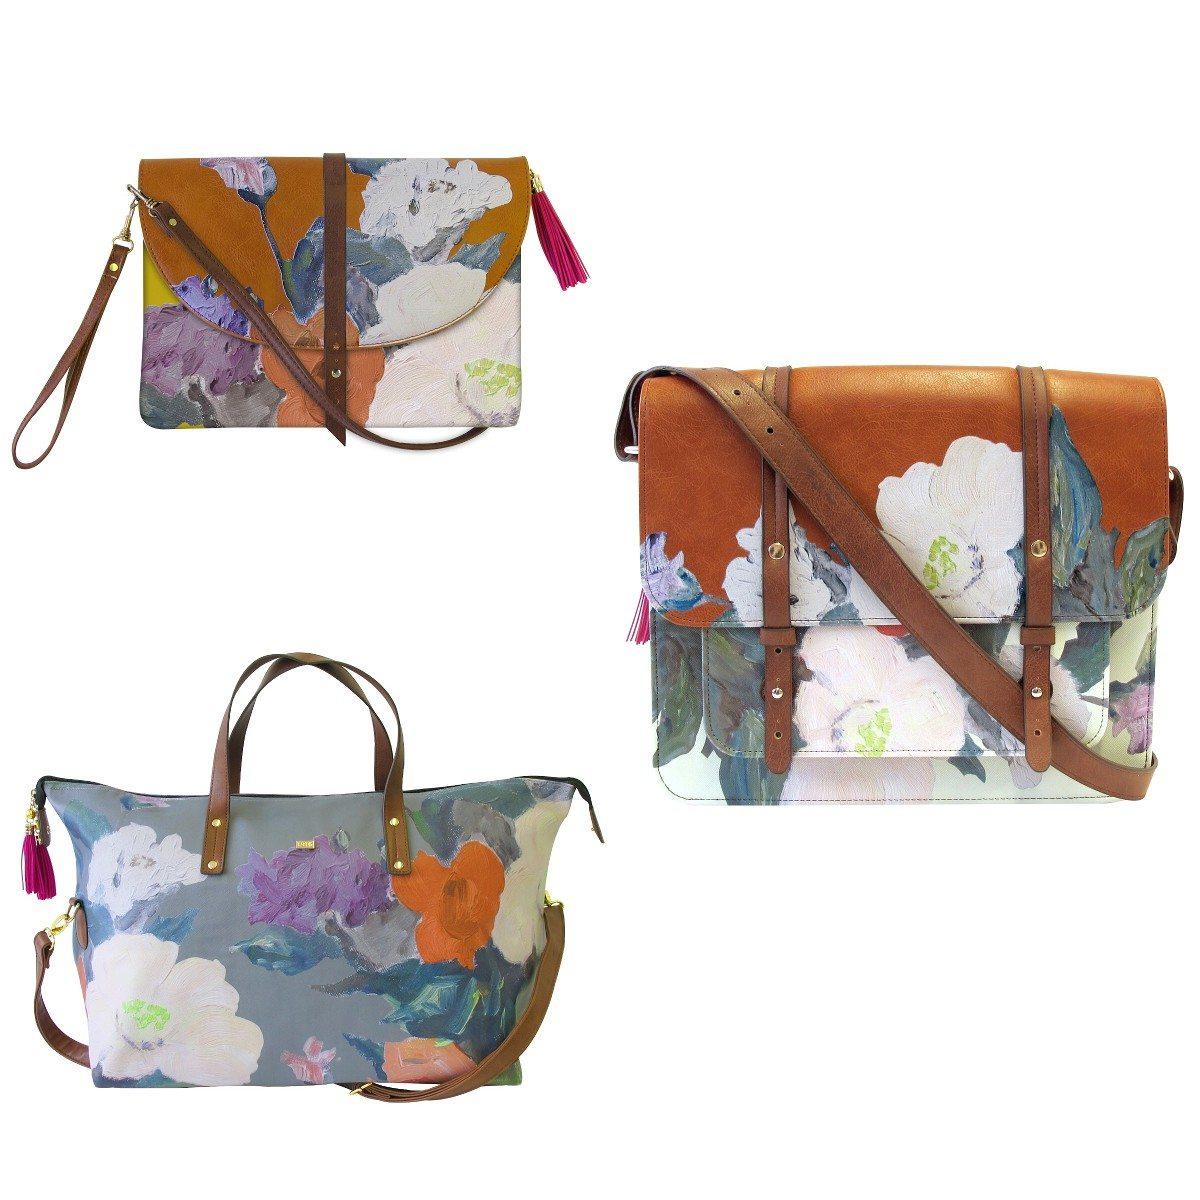 Taschen im Gemälde-Look